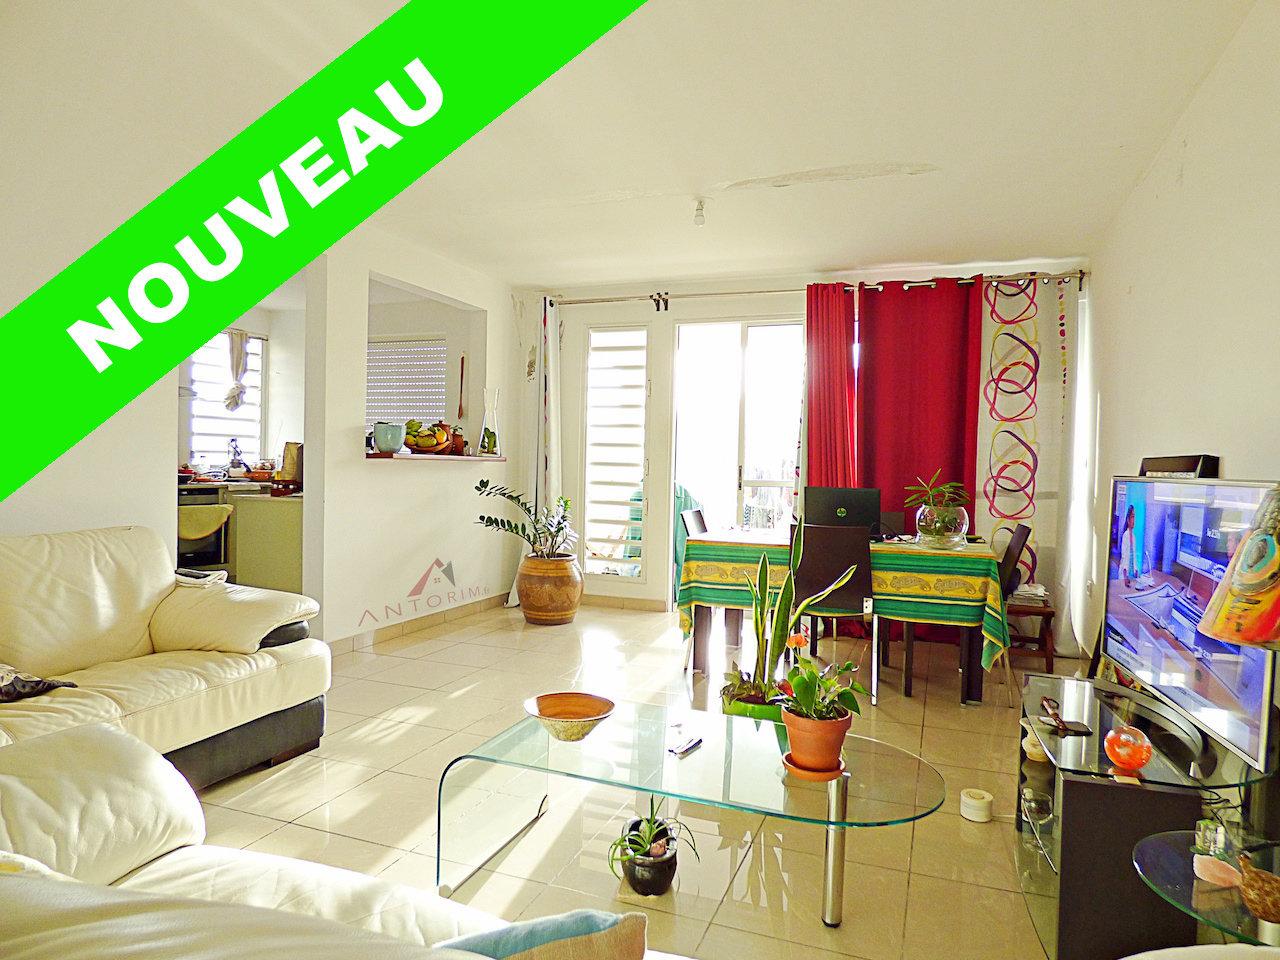 EXCLUSIVITE - SCHOELCHER - Ravine Touza - Beau T3 - Spacieux - Terrasse - 2 parkings